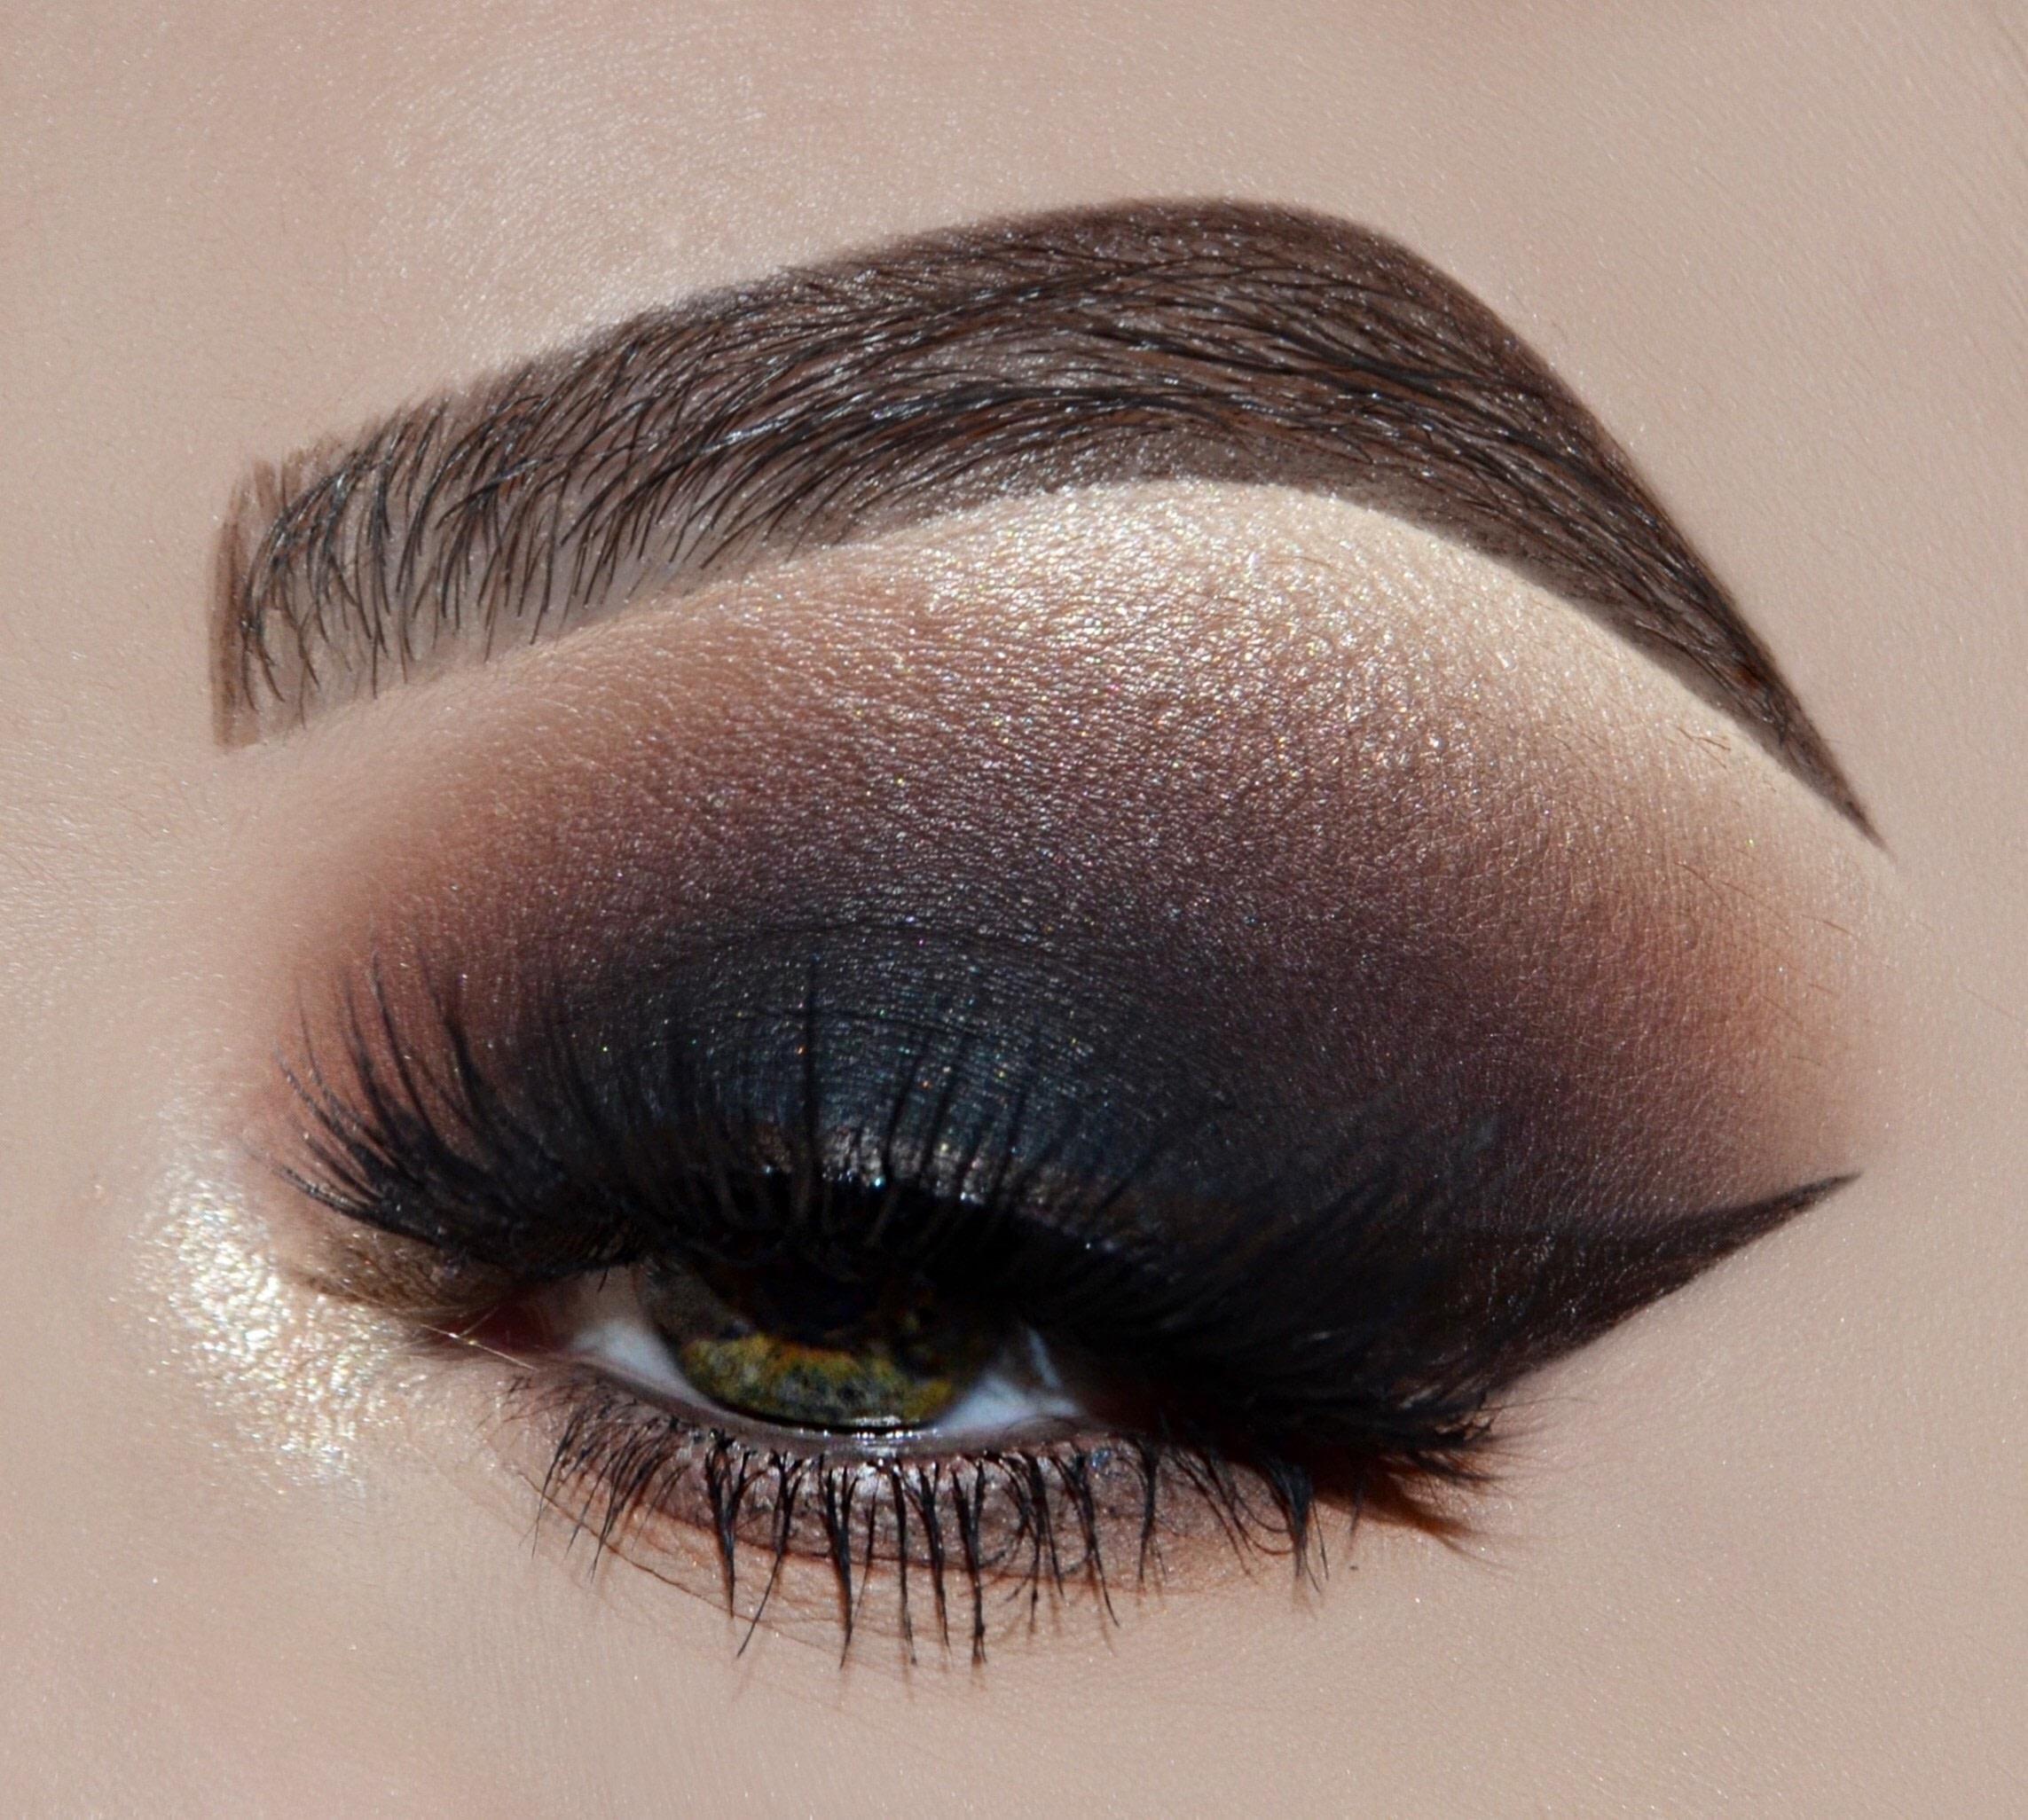 warm smoky eye tutorial · how to create a smokey eye